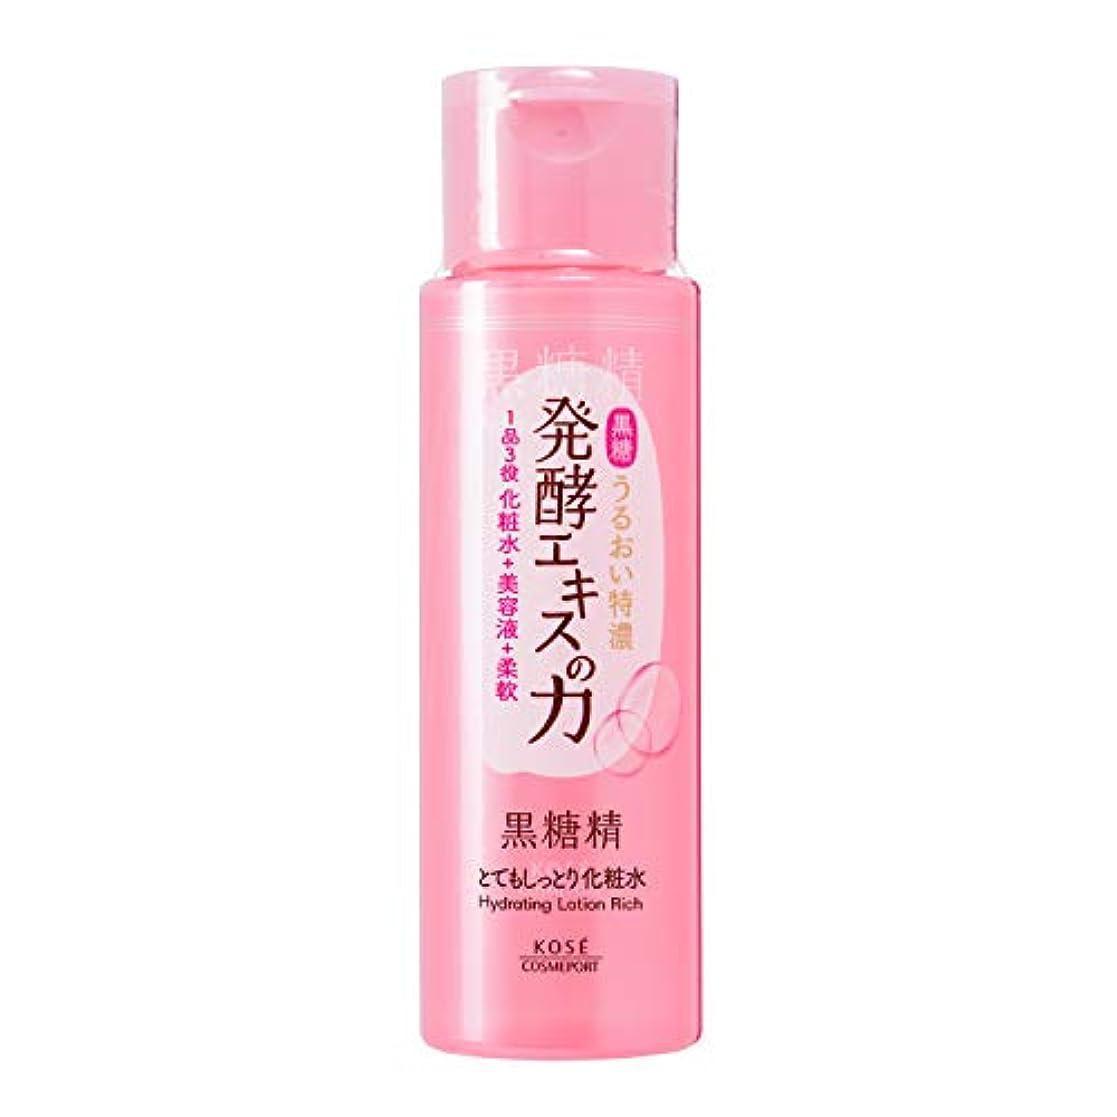 翻訳者慈善通路KOSE 黒糖精 とてもしっとり化粧水 180mL